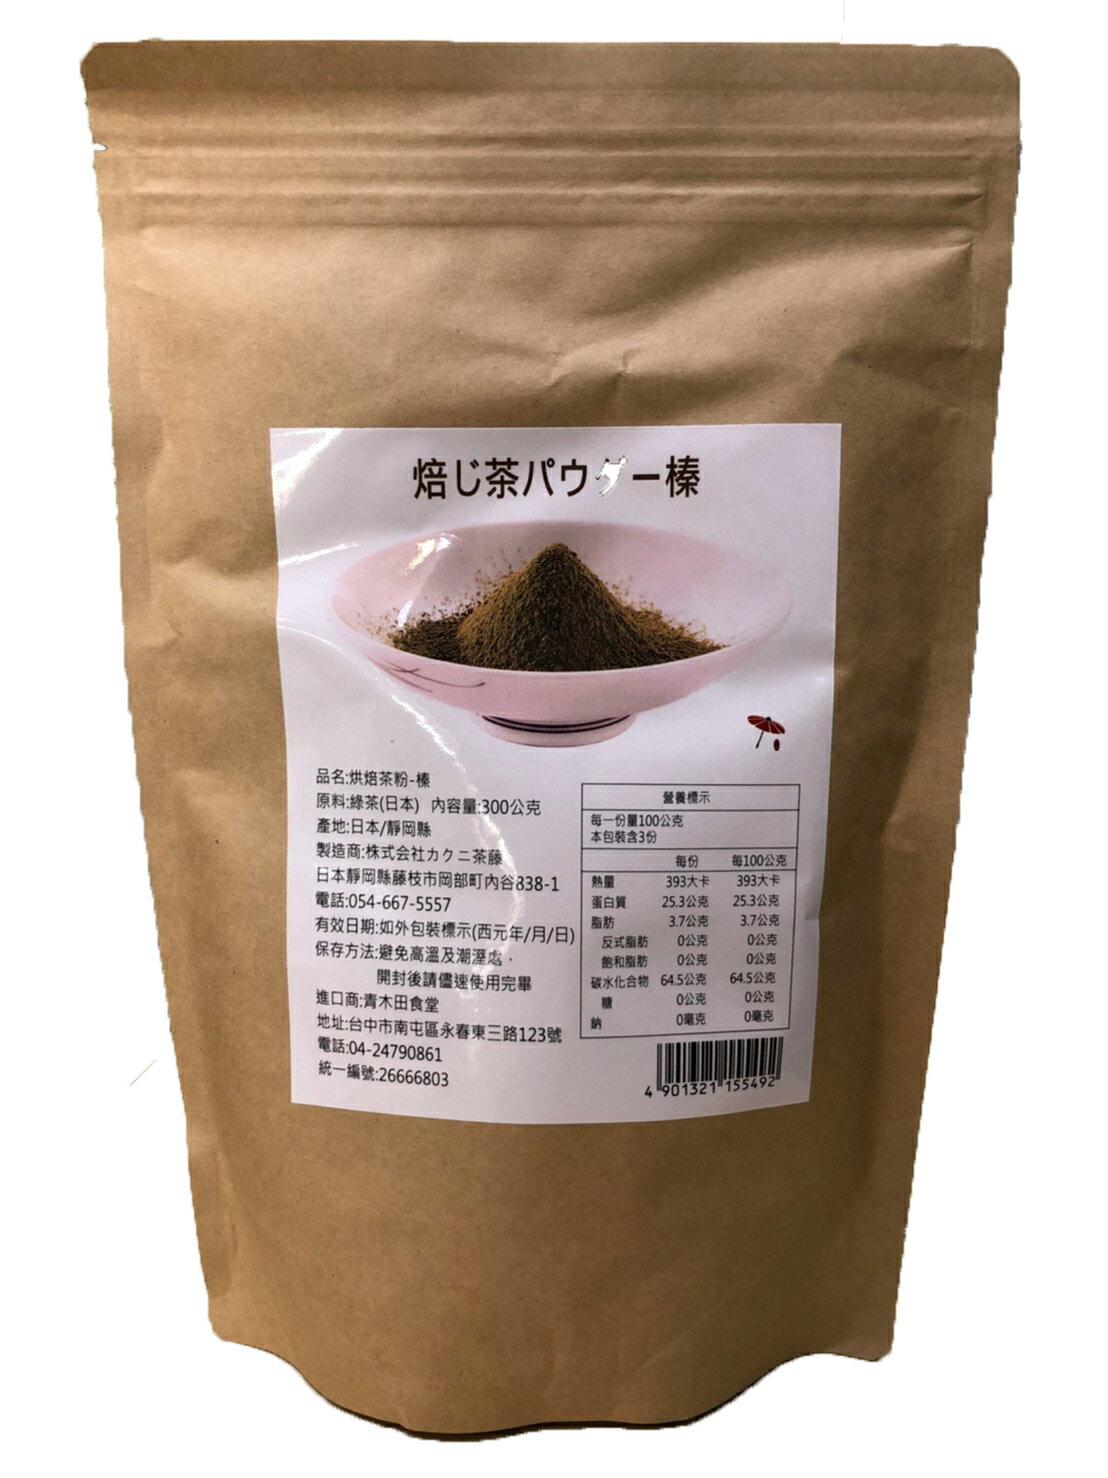 良鎂咖啡精品館 (抹茶系列) 靜岡縣 烘焙茶粉-榛 300g/ 包(無糖)